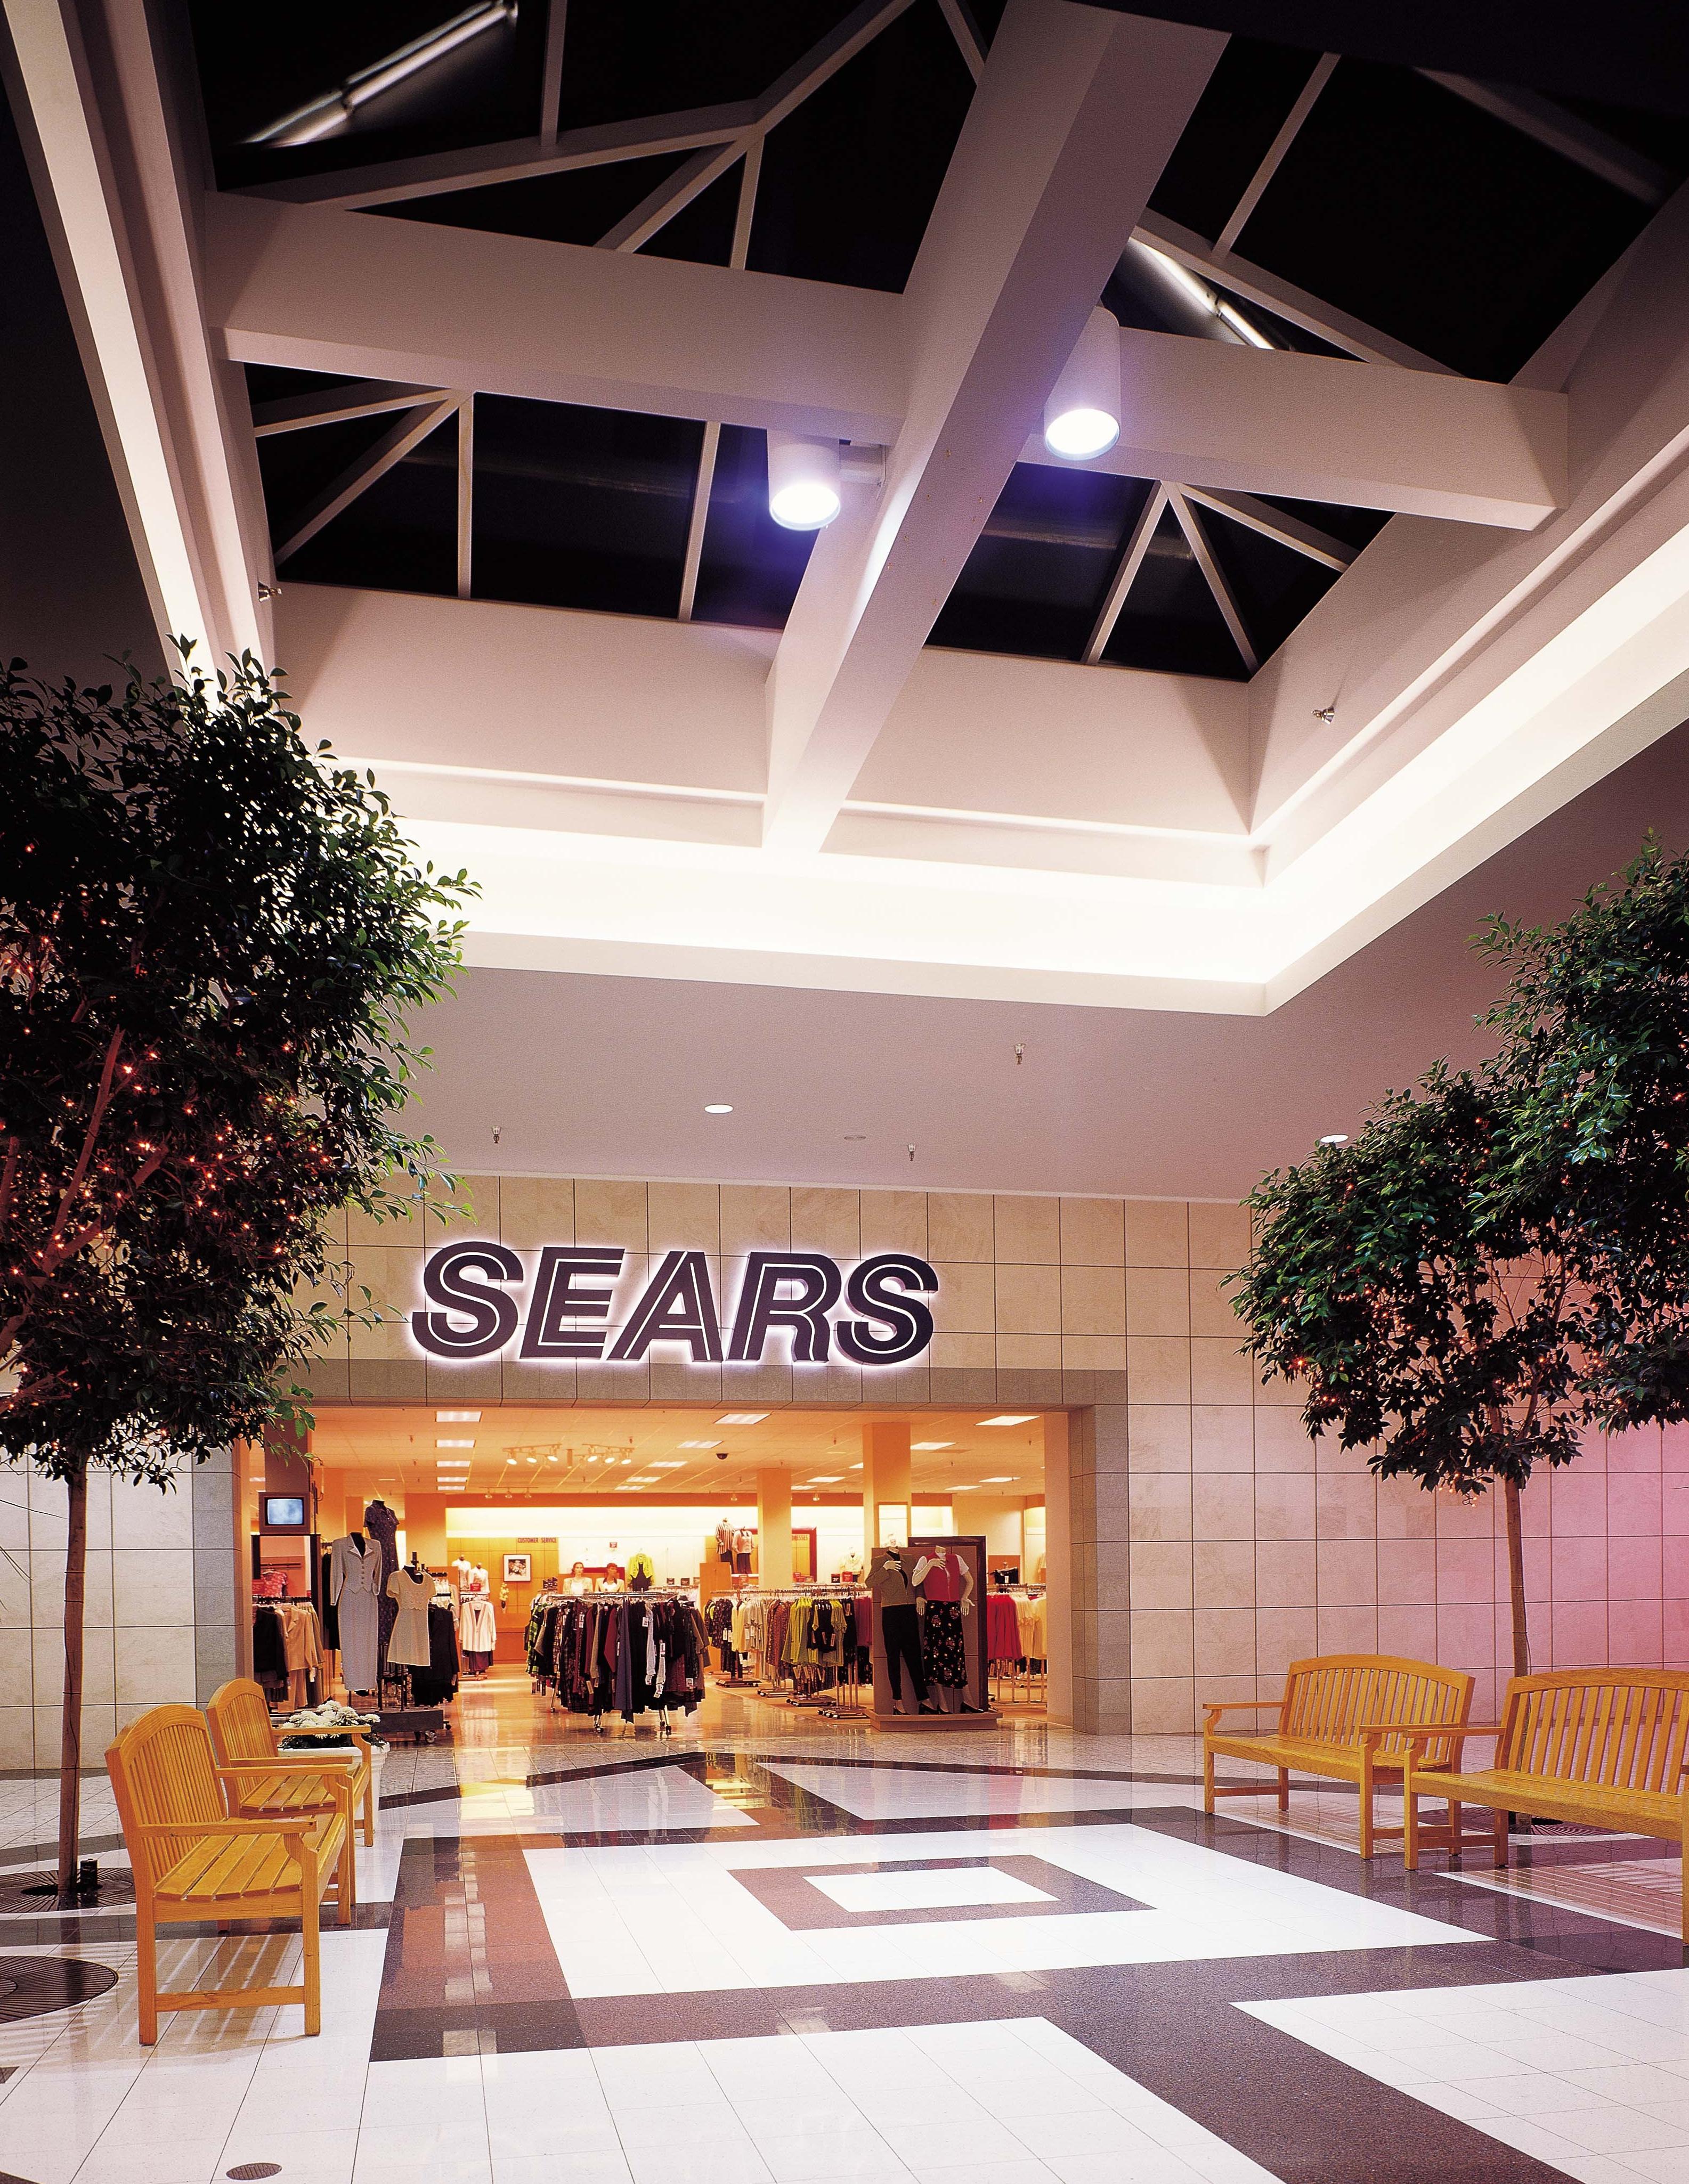 Sears_1+T